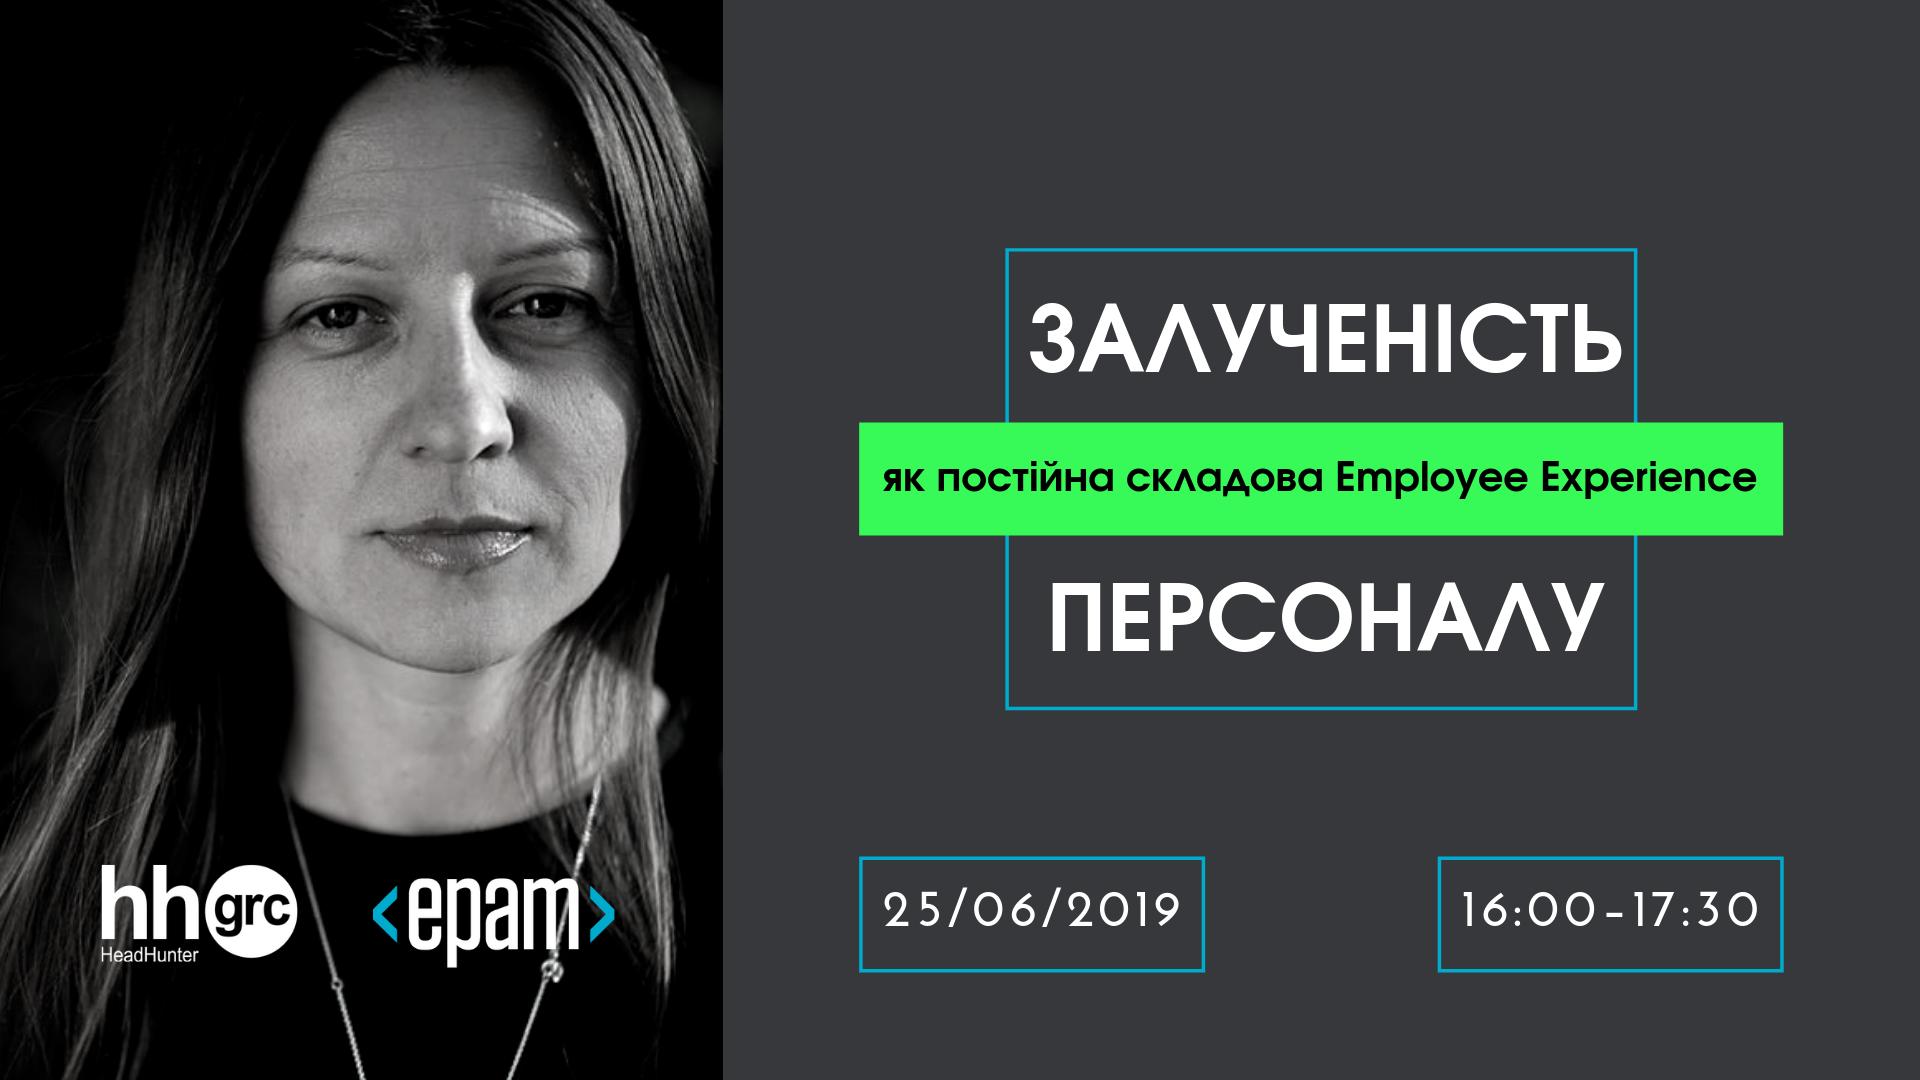 Вебінар «Залученість персоналу, як постійна складова Employee Experience. Досвід EPAM» – 25/06/19